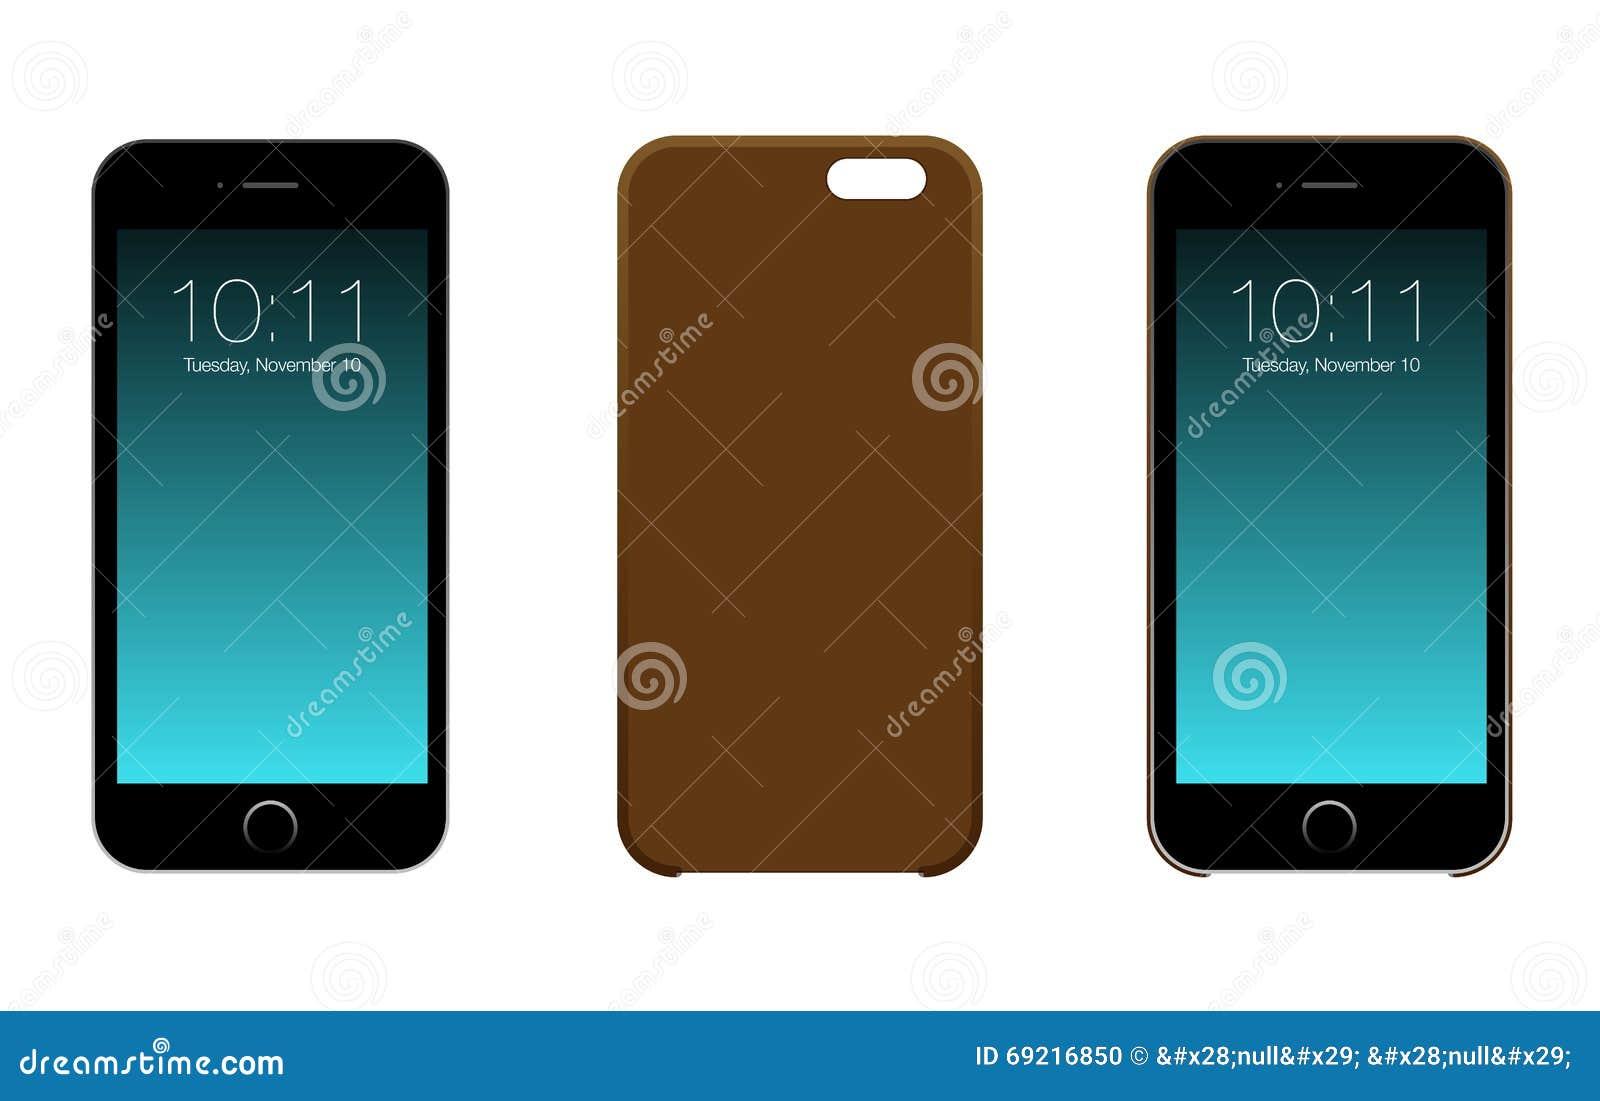 Iphone 6 o 6S